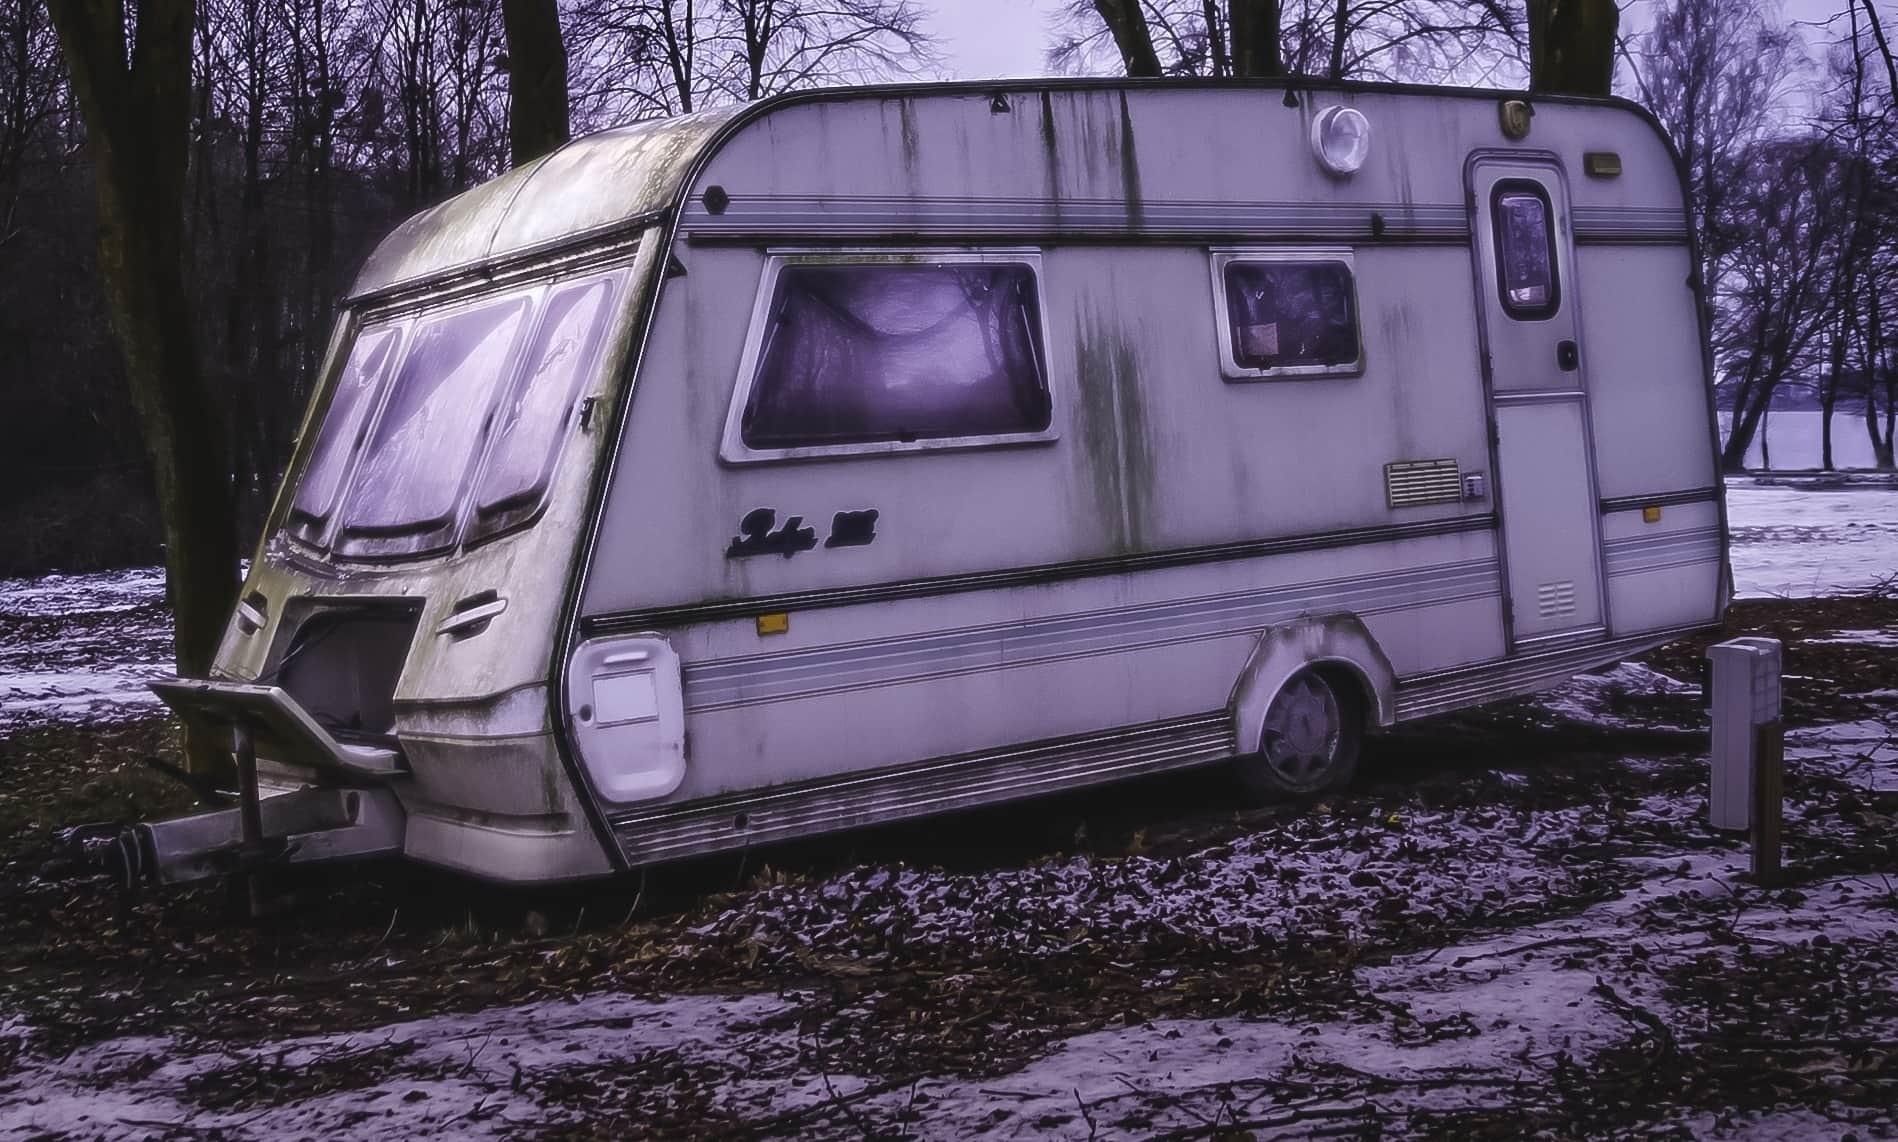 Sind Wohnwagen Schutzhüllen sinnvoll oder notwendig? 1